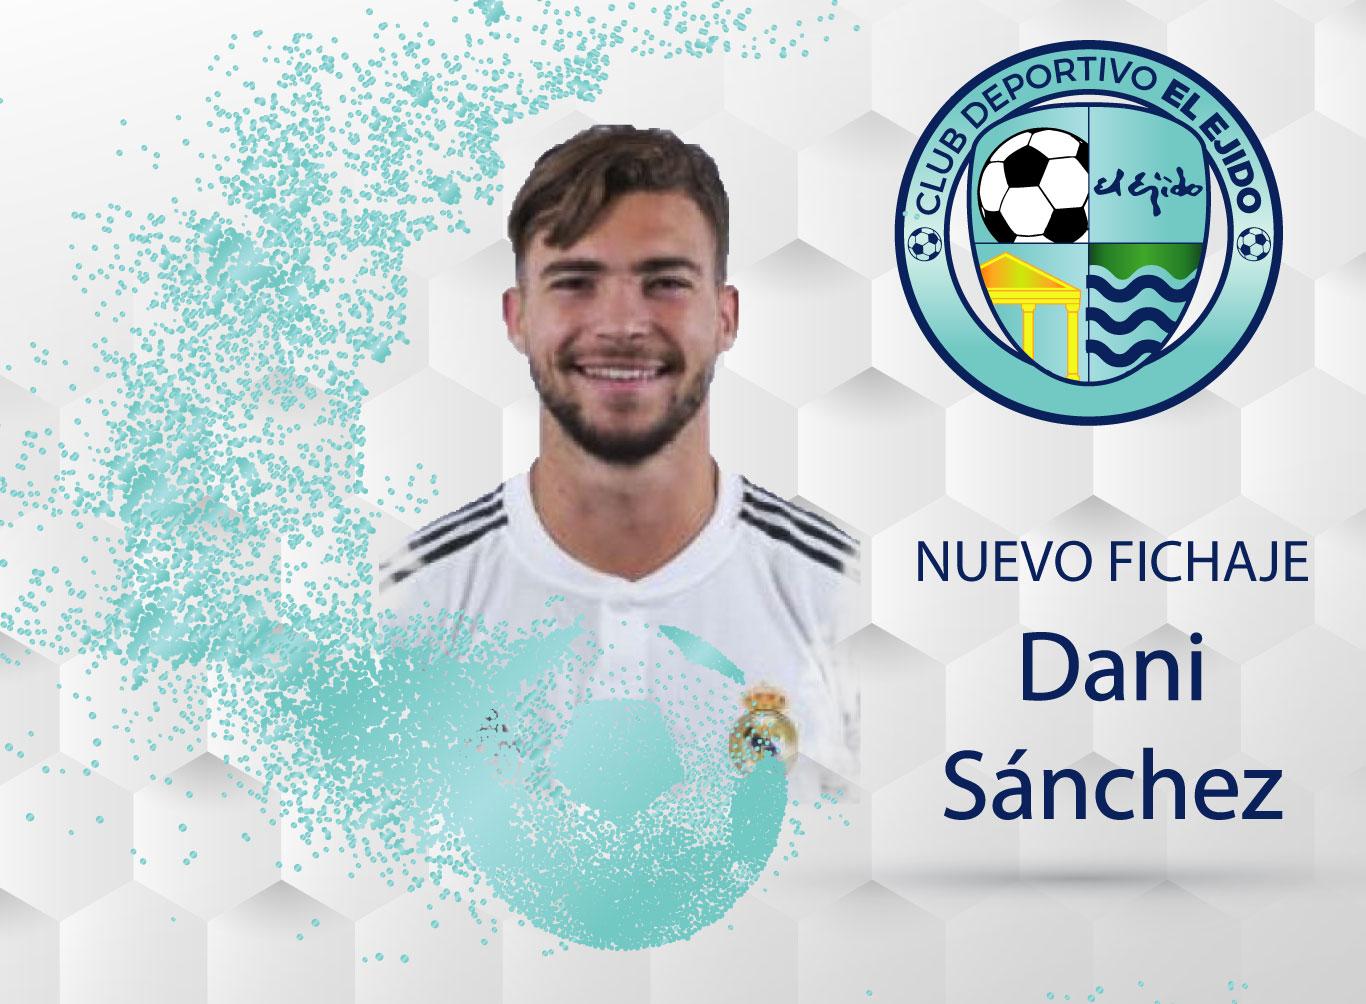 El CD El Ejido ficha al lateral izquierdo Dani Sánchez